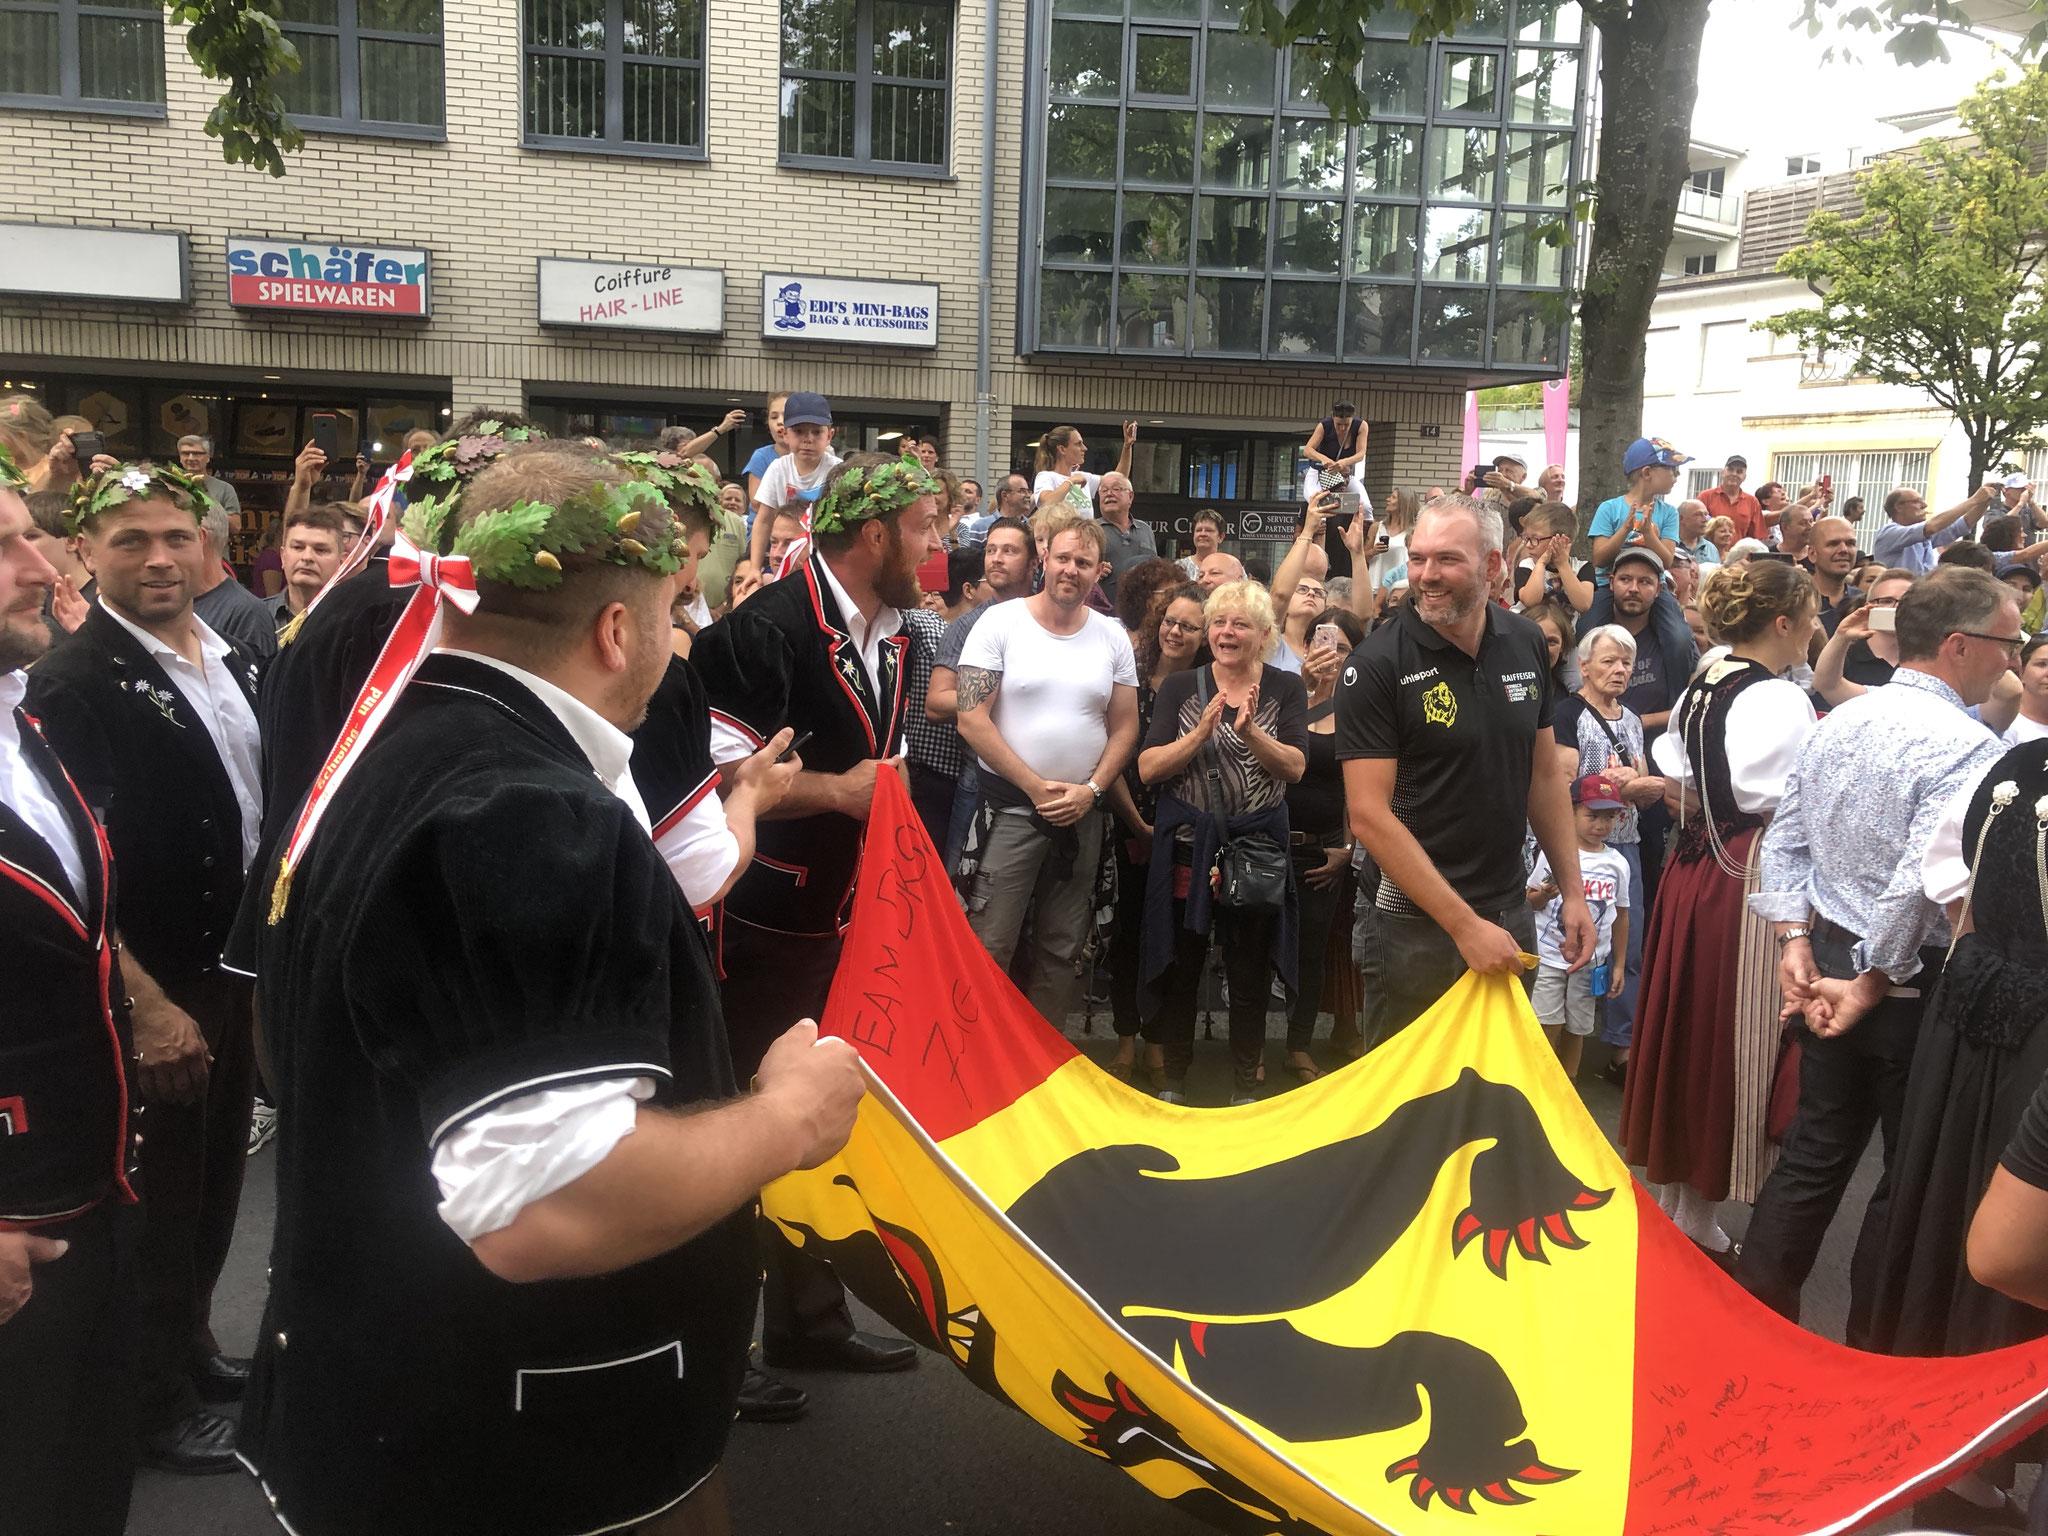 Eichenlaub, auch die andern Berner Eidgenossen liessen sich feiern